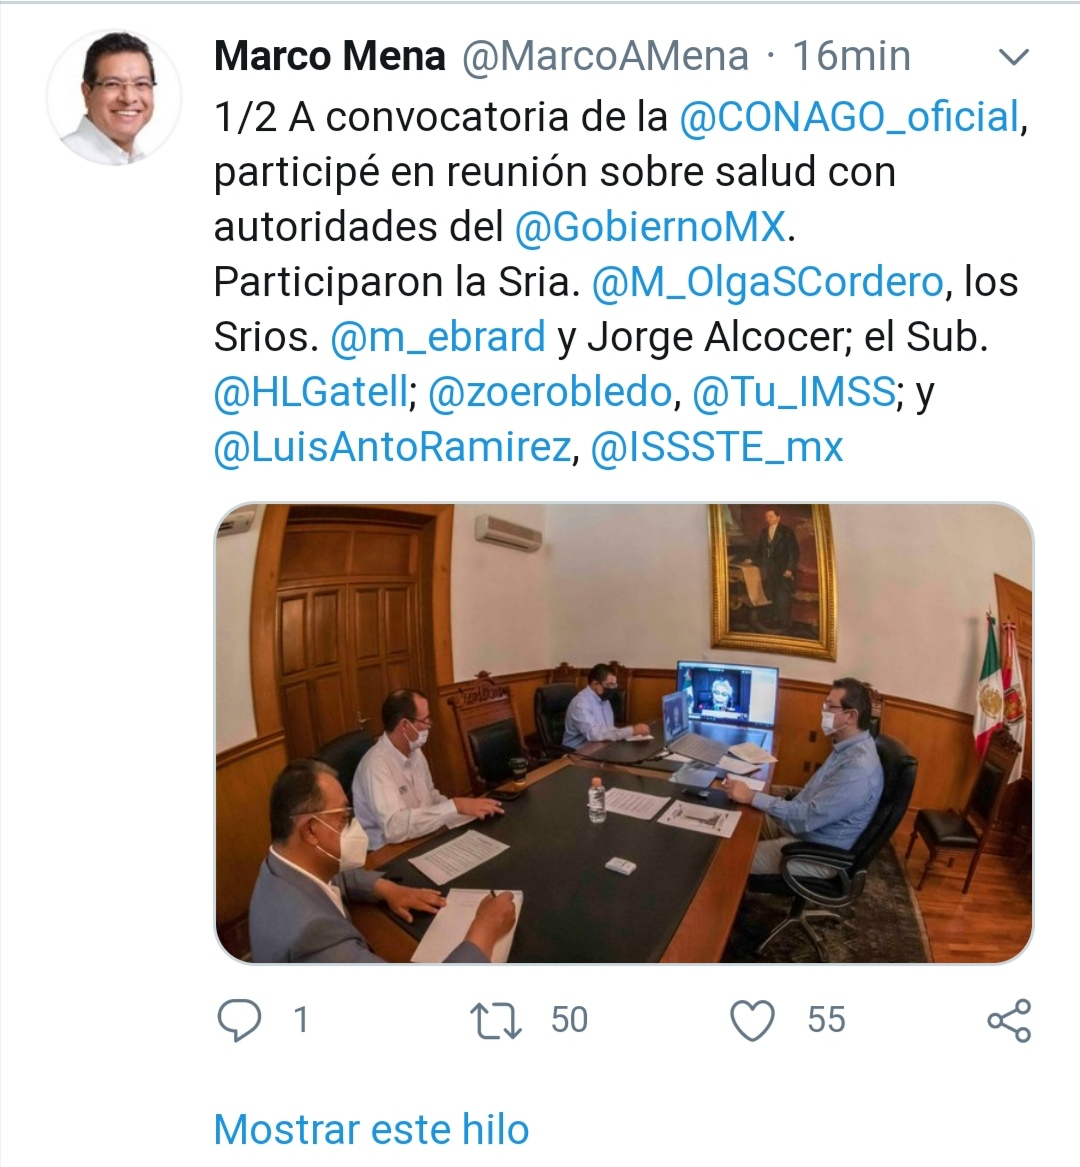 A convocatoria de la @CONAGO_oficial, participé en reunión sobre salud con autoridades del @GobiernoMX.